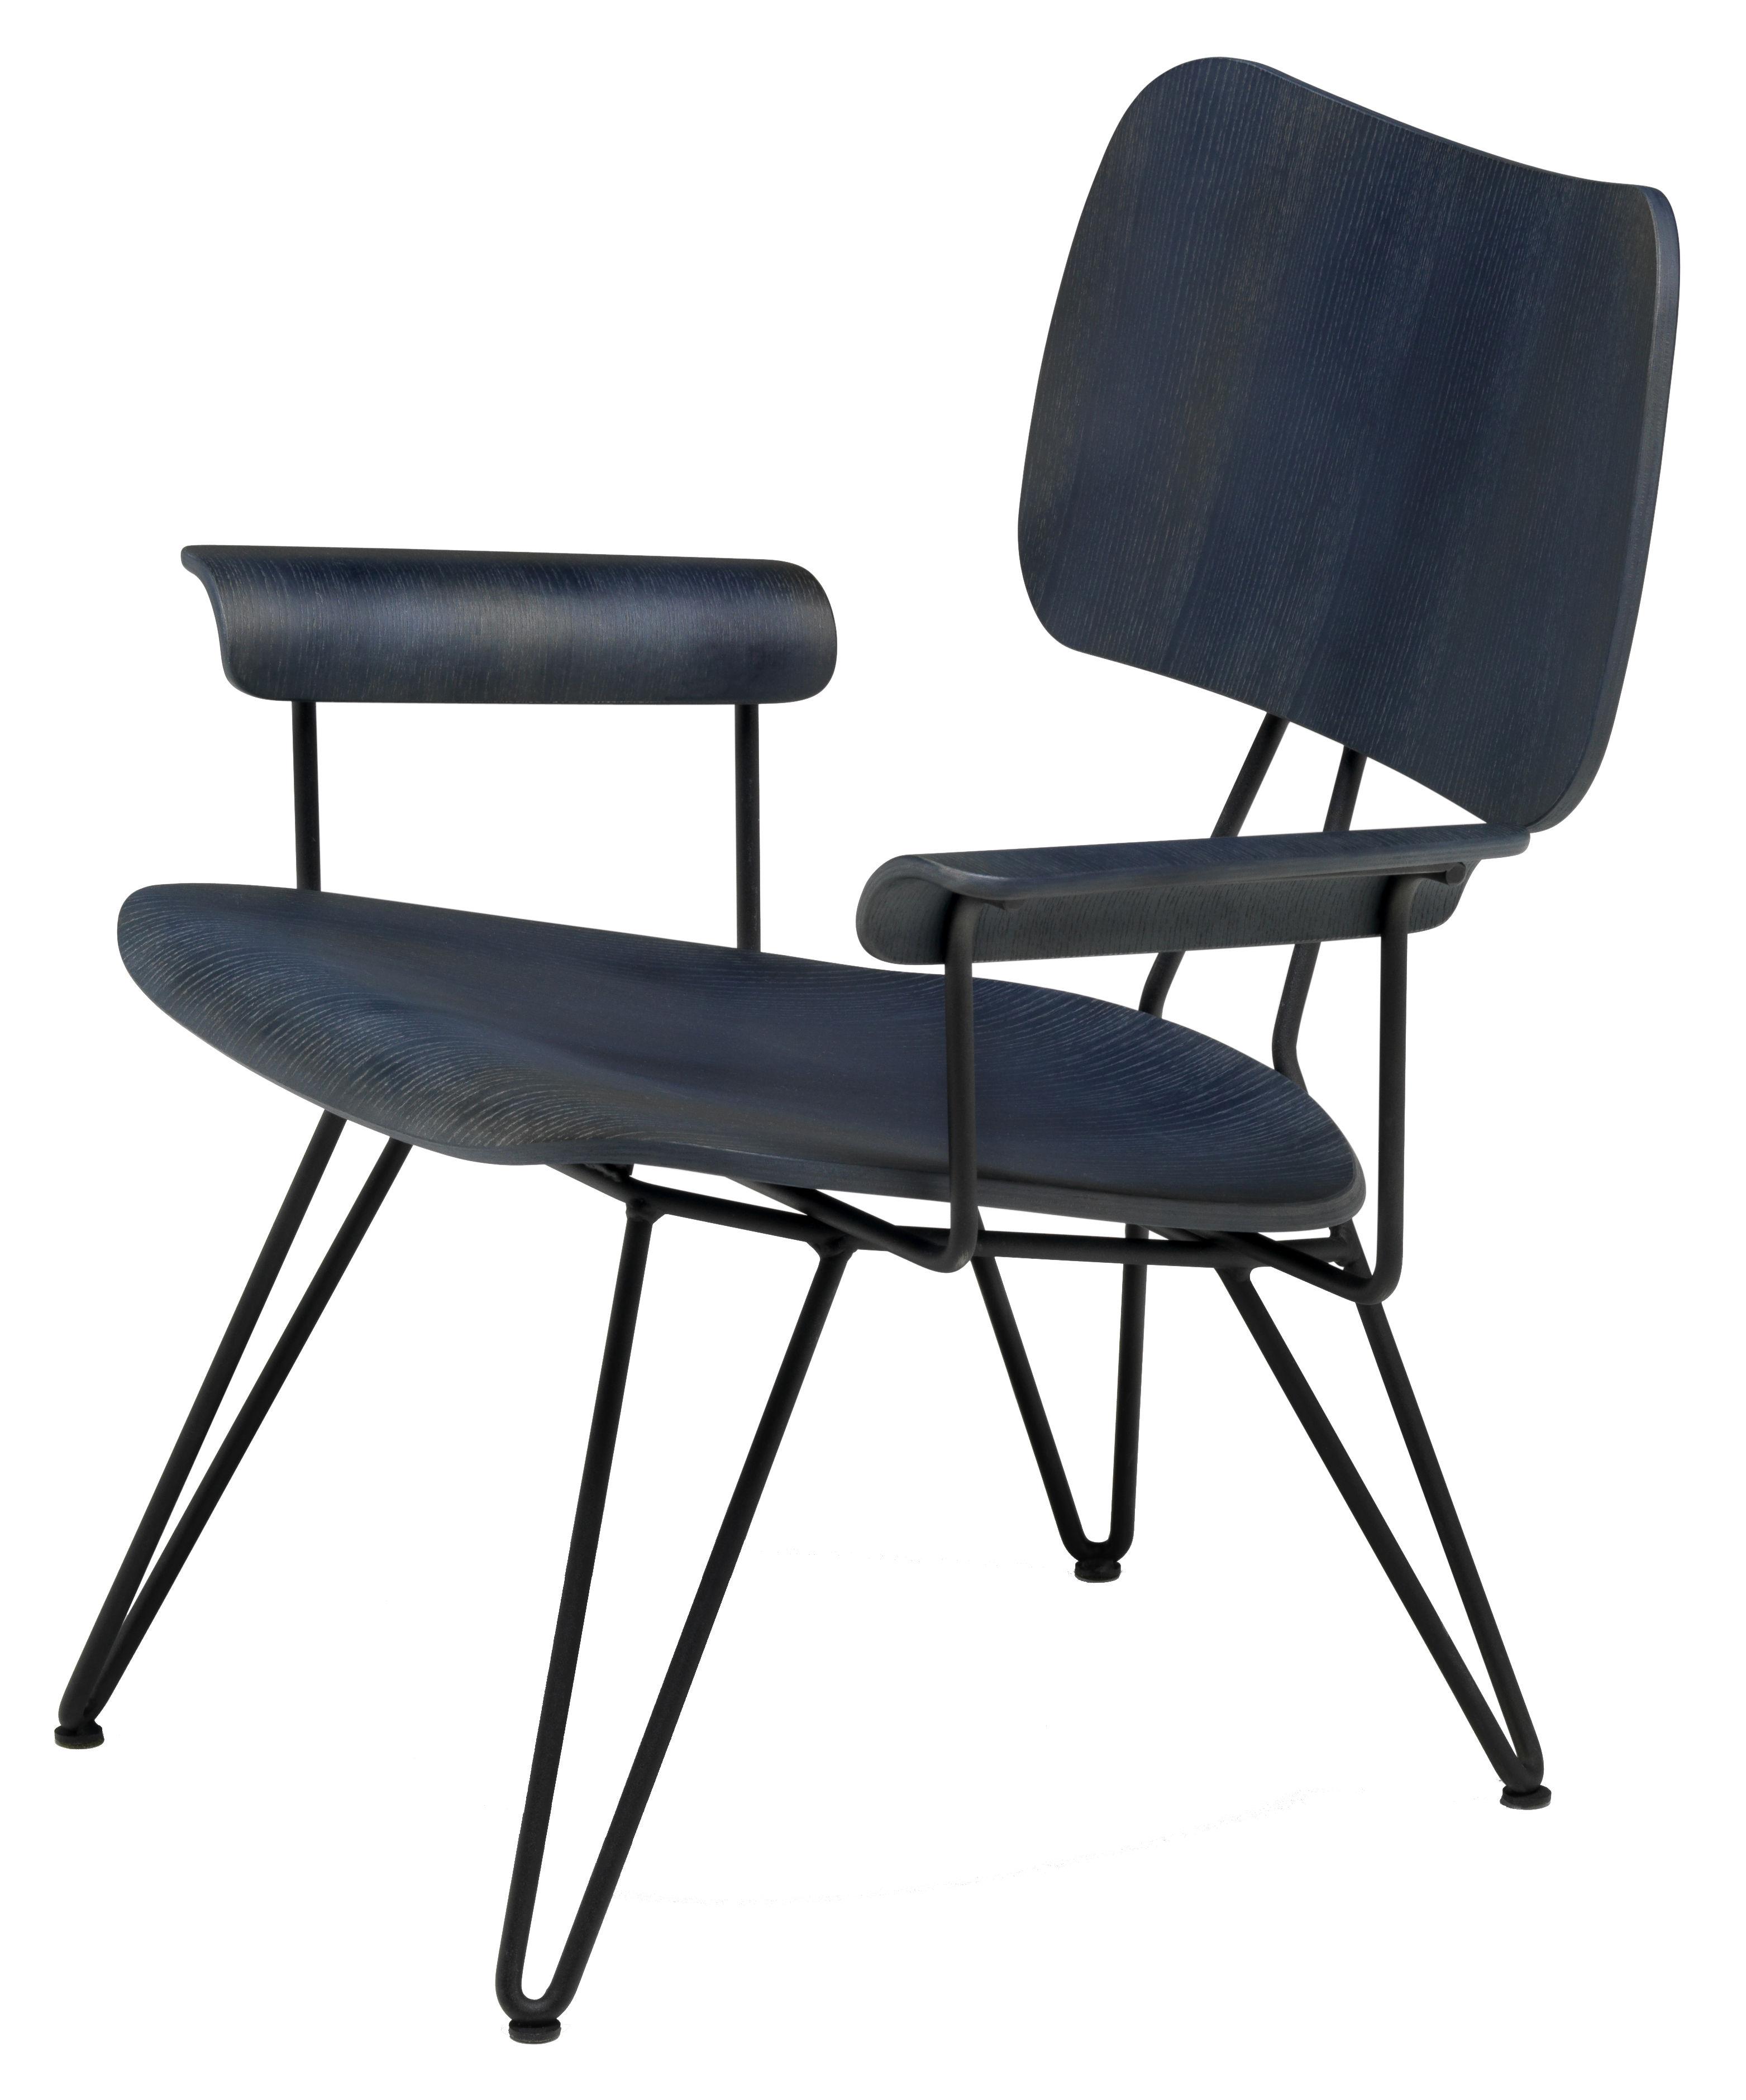 Möbel - Lounge Sessel - Overdyed Lounge Sessel - Diesel with Moroso - Indigoblau - lackierter Stahl, Vielschicht-Sperrholz in getönter Esche